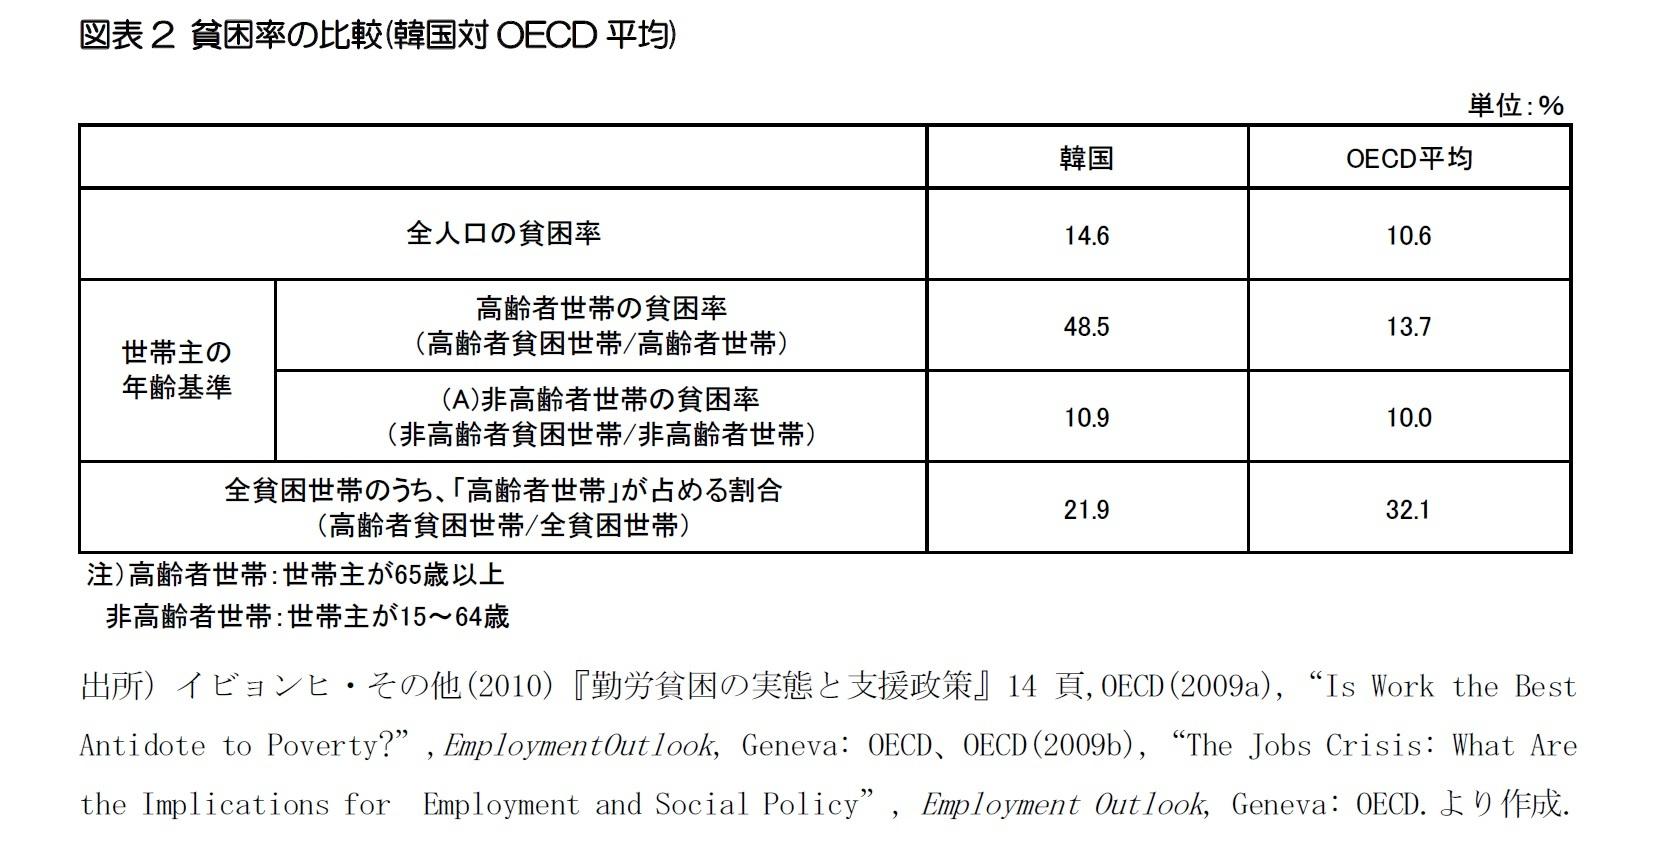 図表2 貧困率の比較(韓国対OECD平均)